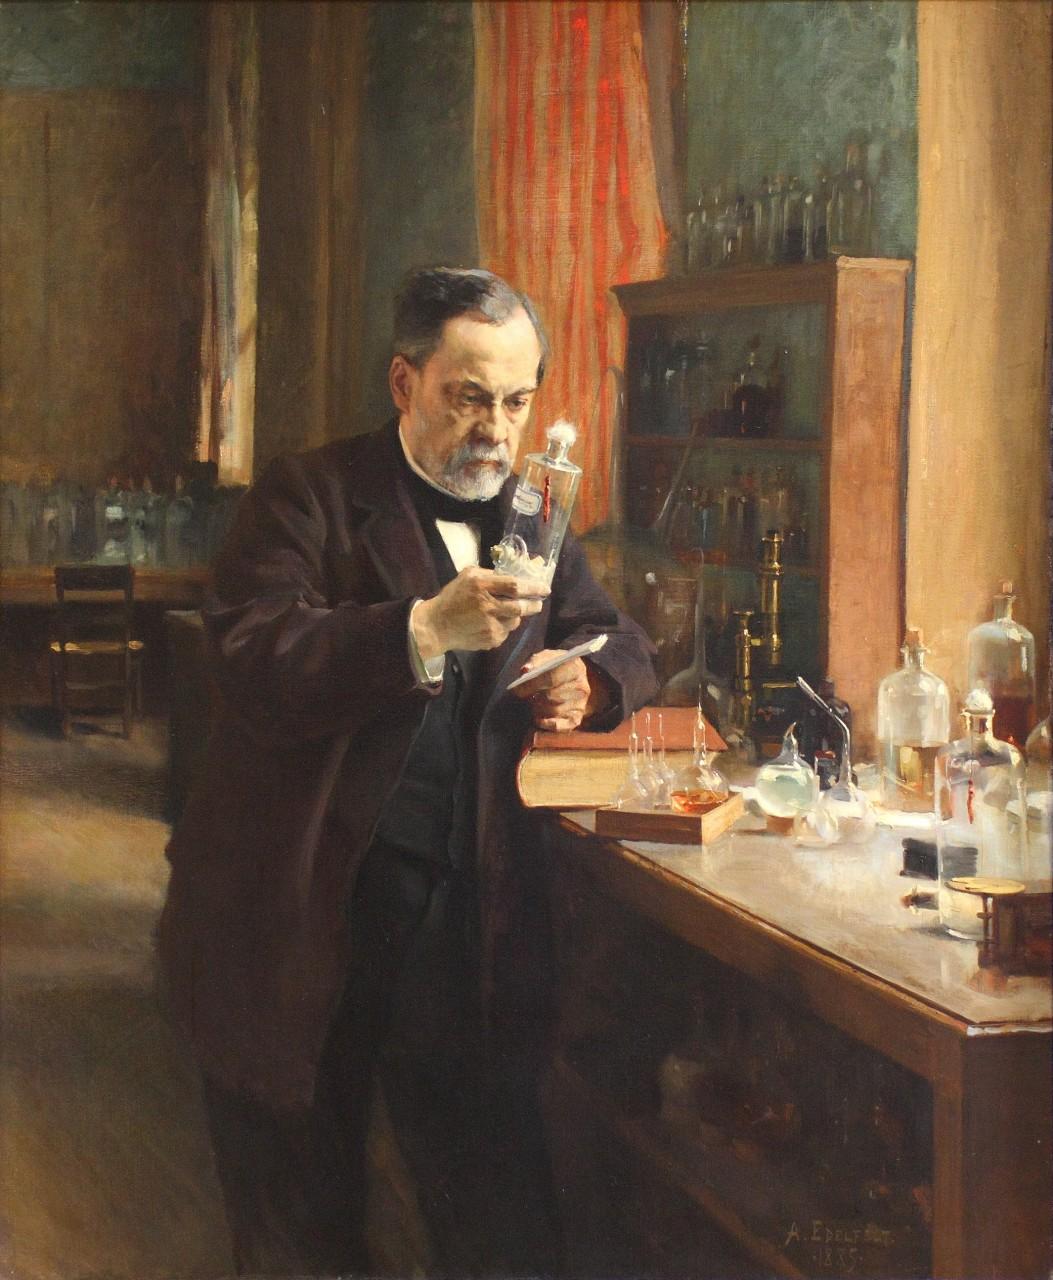 Альберт Эдельфельт. «Портрет Луи Пастера». 1885 г.